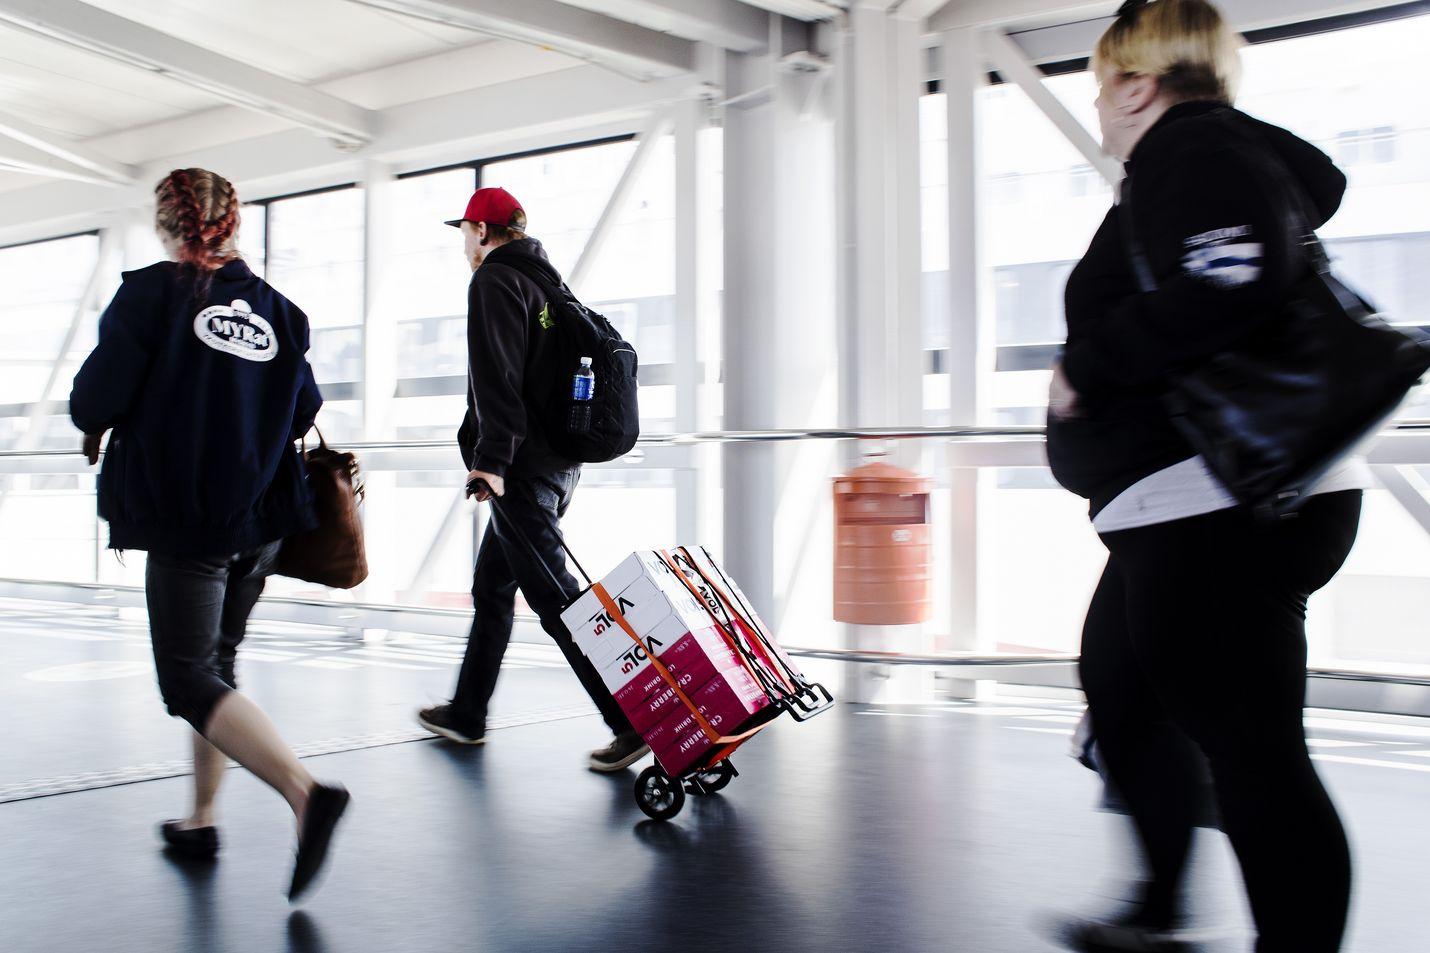 Suomalaiset pääsevät matkustamaan Viroon maanantaista lähtien ilman karanteenia. Arkistokuva.